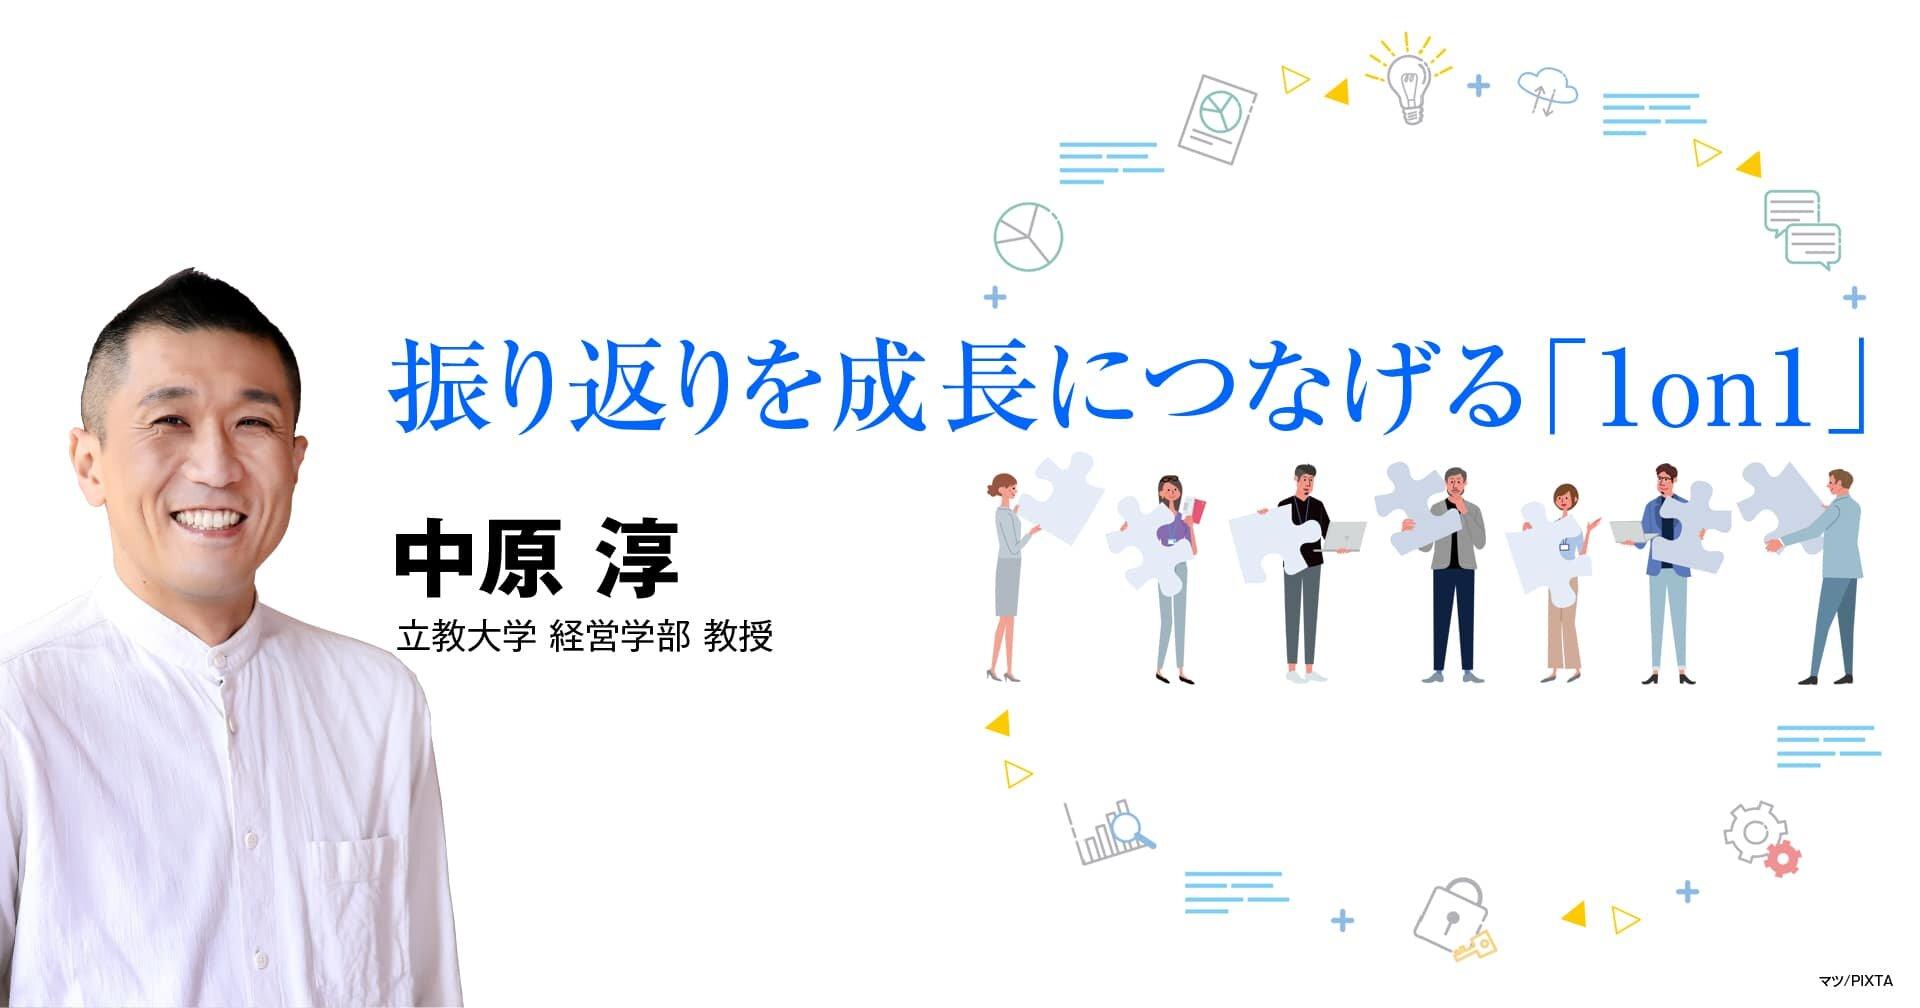 中原淳監修「1on1」研修用DVD教材・講師派遣セミナーのご紹介